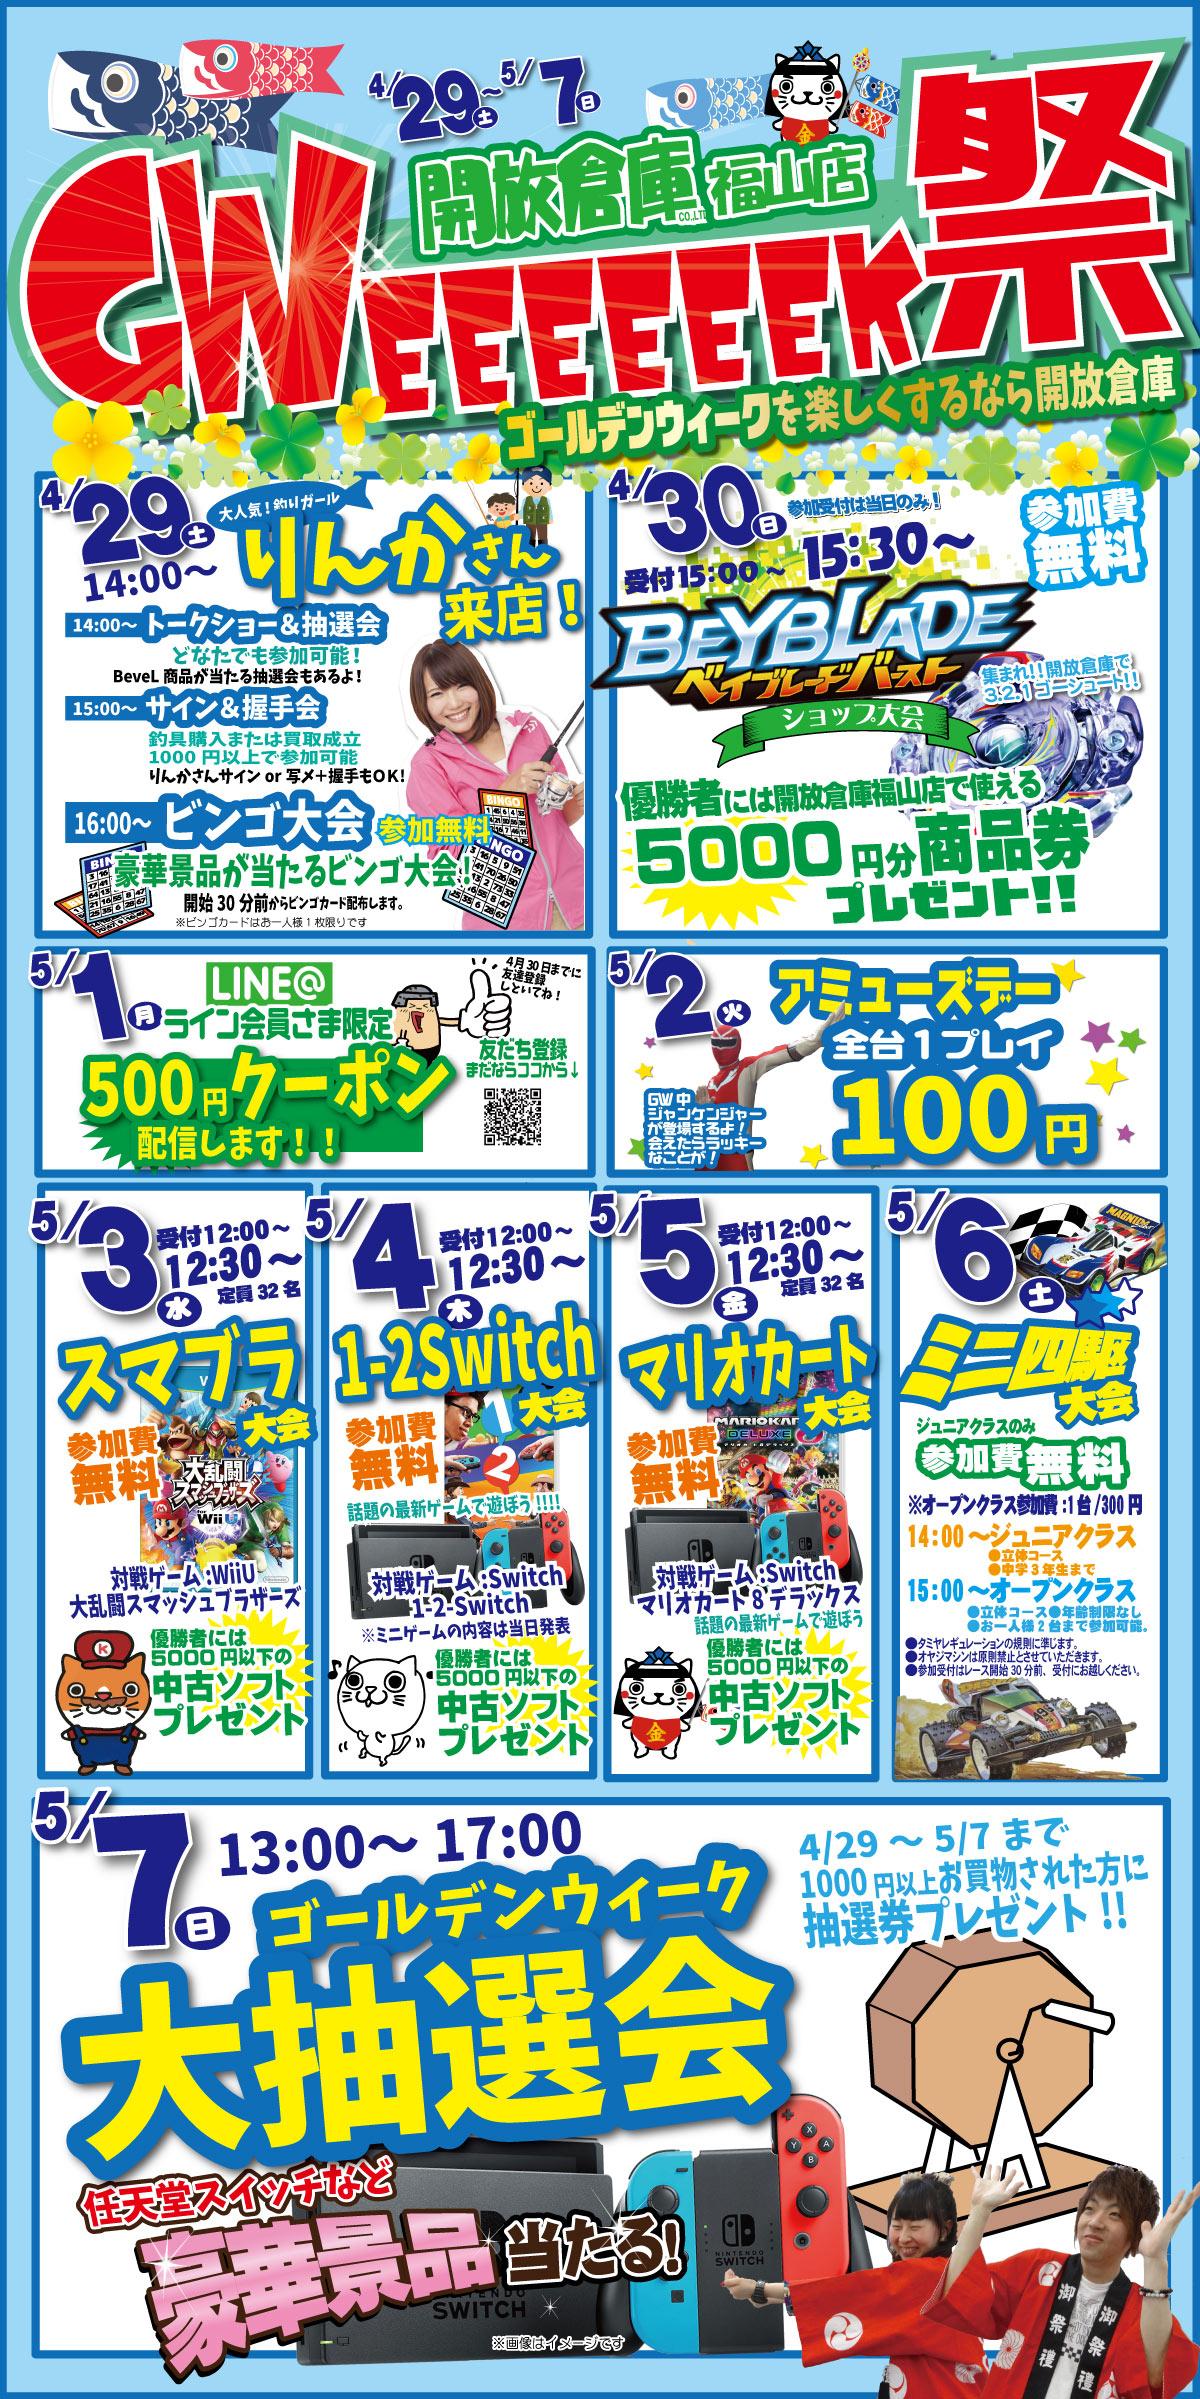 「開放倉庫福山店」2017年度GWEEEEEEK祭!イベントスケジュール情報!!